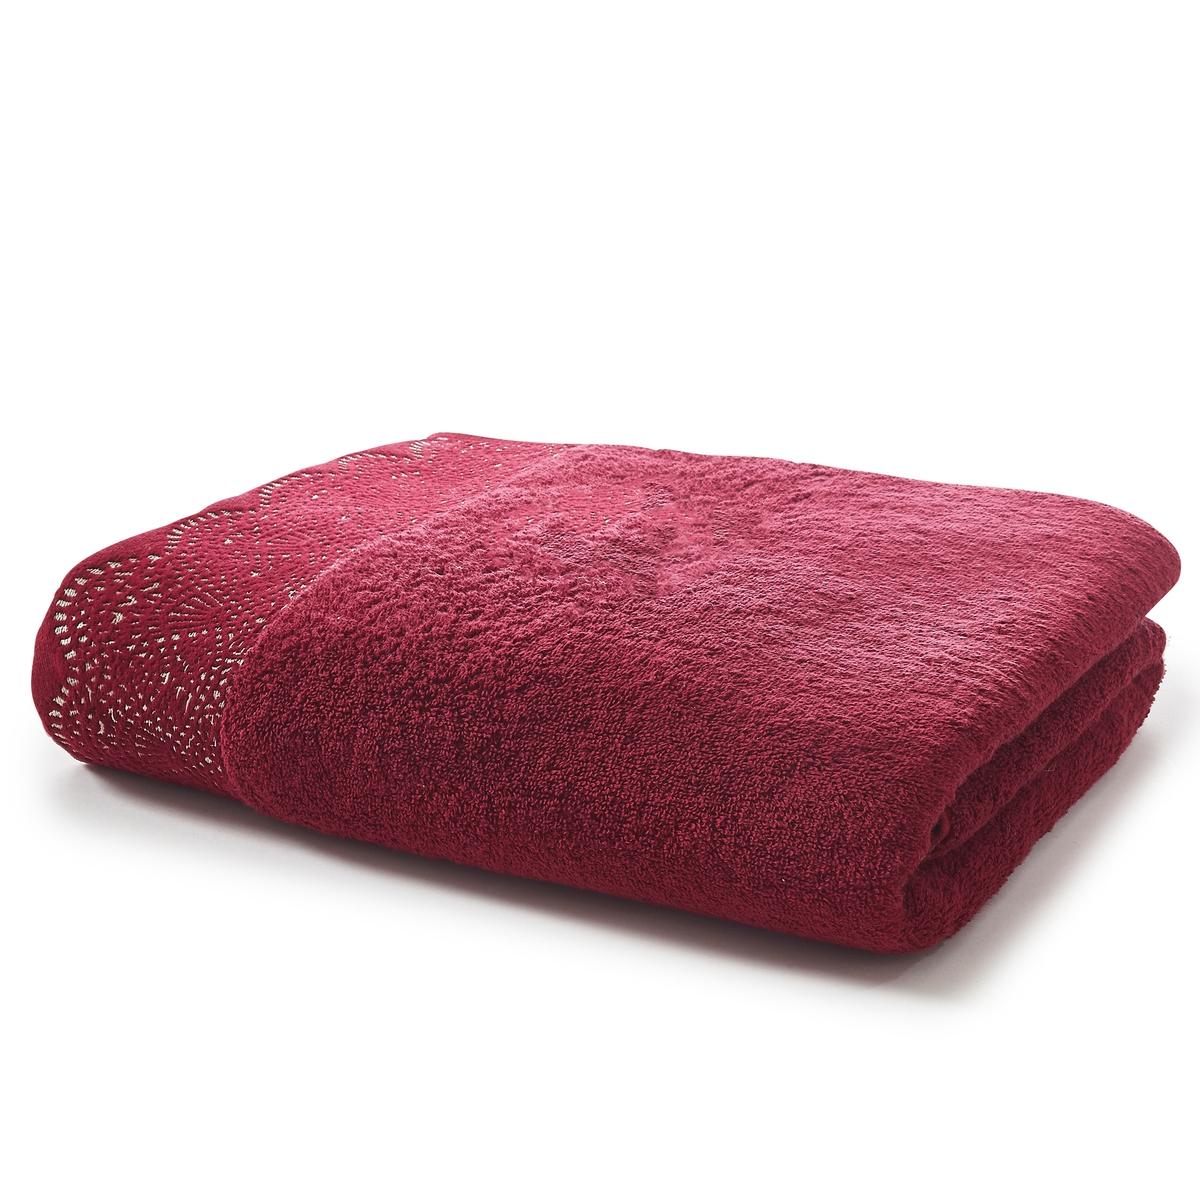 Полотенце банное из махровой ткани 500 г/м?, DENTELLEХарактеристики банного полотенца Dentelle :- Махровая ткань букле из 100% хлопка (500 г/м?).- Жаккардовая оттделка краев с эффектом кружева.- Машинная стирка при 60 °С.- Машинная сушка при умеренной температуре.- Замечательная износоустойчивость, сохраняет мягкость и яркость окраски после многочисленных стирок.- Размеры : 70 x 140 см.<br><br>Цвет: светло-синий,сливовый<br>Размер: 70 x 140  см